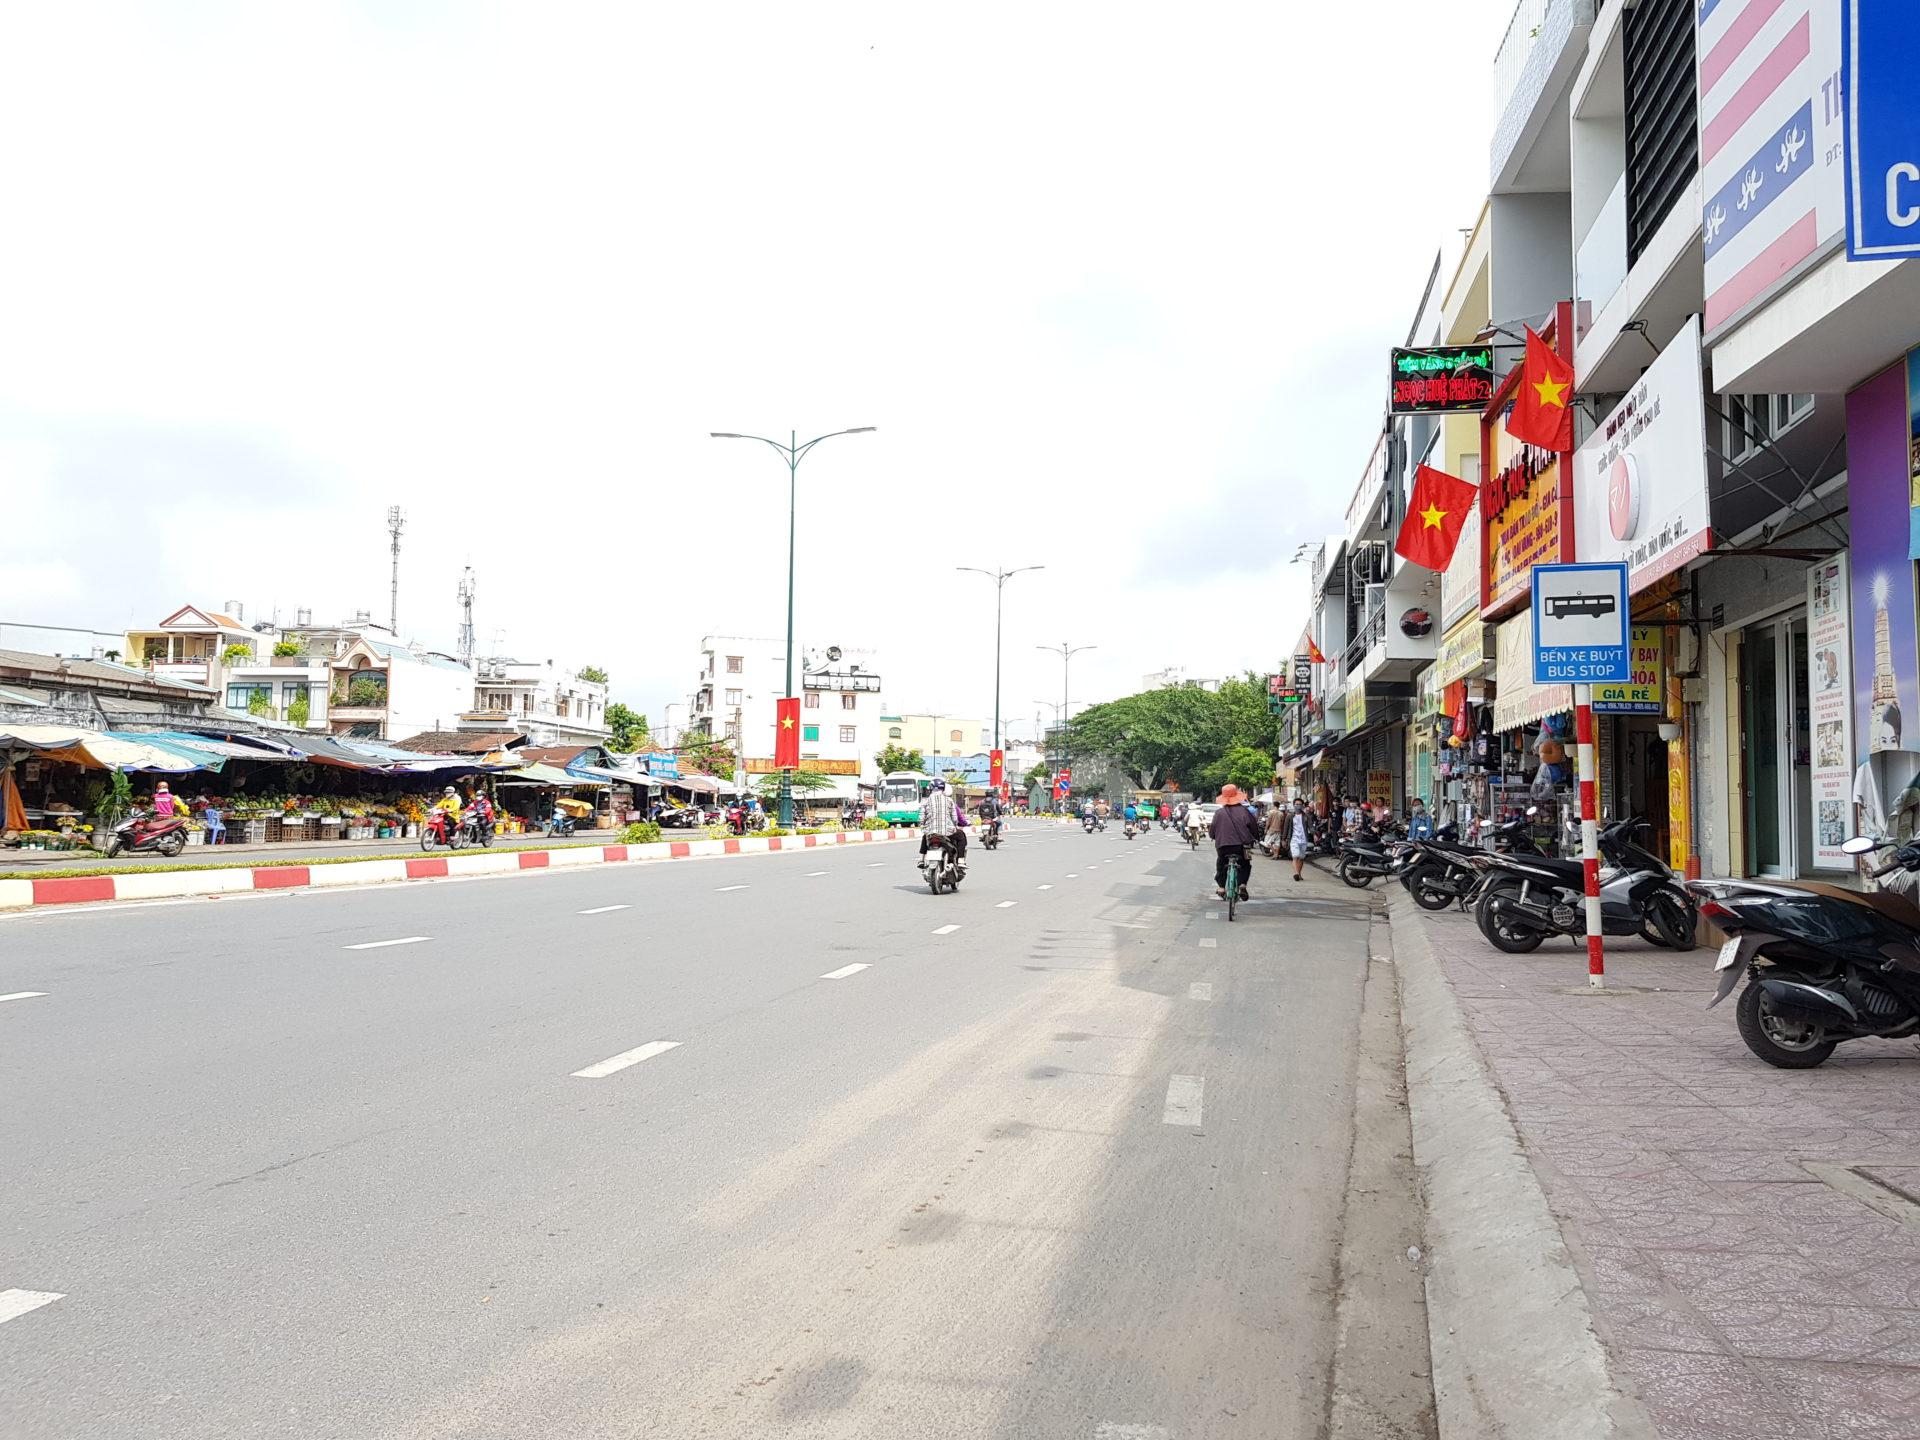 Đất Quận 9 Mặt Tiền Lã Xuân Oai DT Cực Đẹp 225m2 (10×22,5) Gần Chợ Tăng Nhơn Phú A, Giáp Lê Văn Việt.